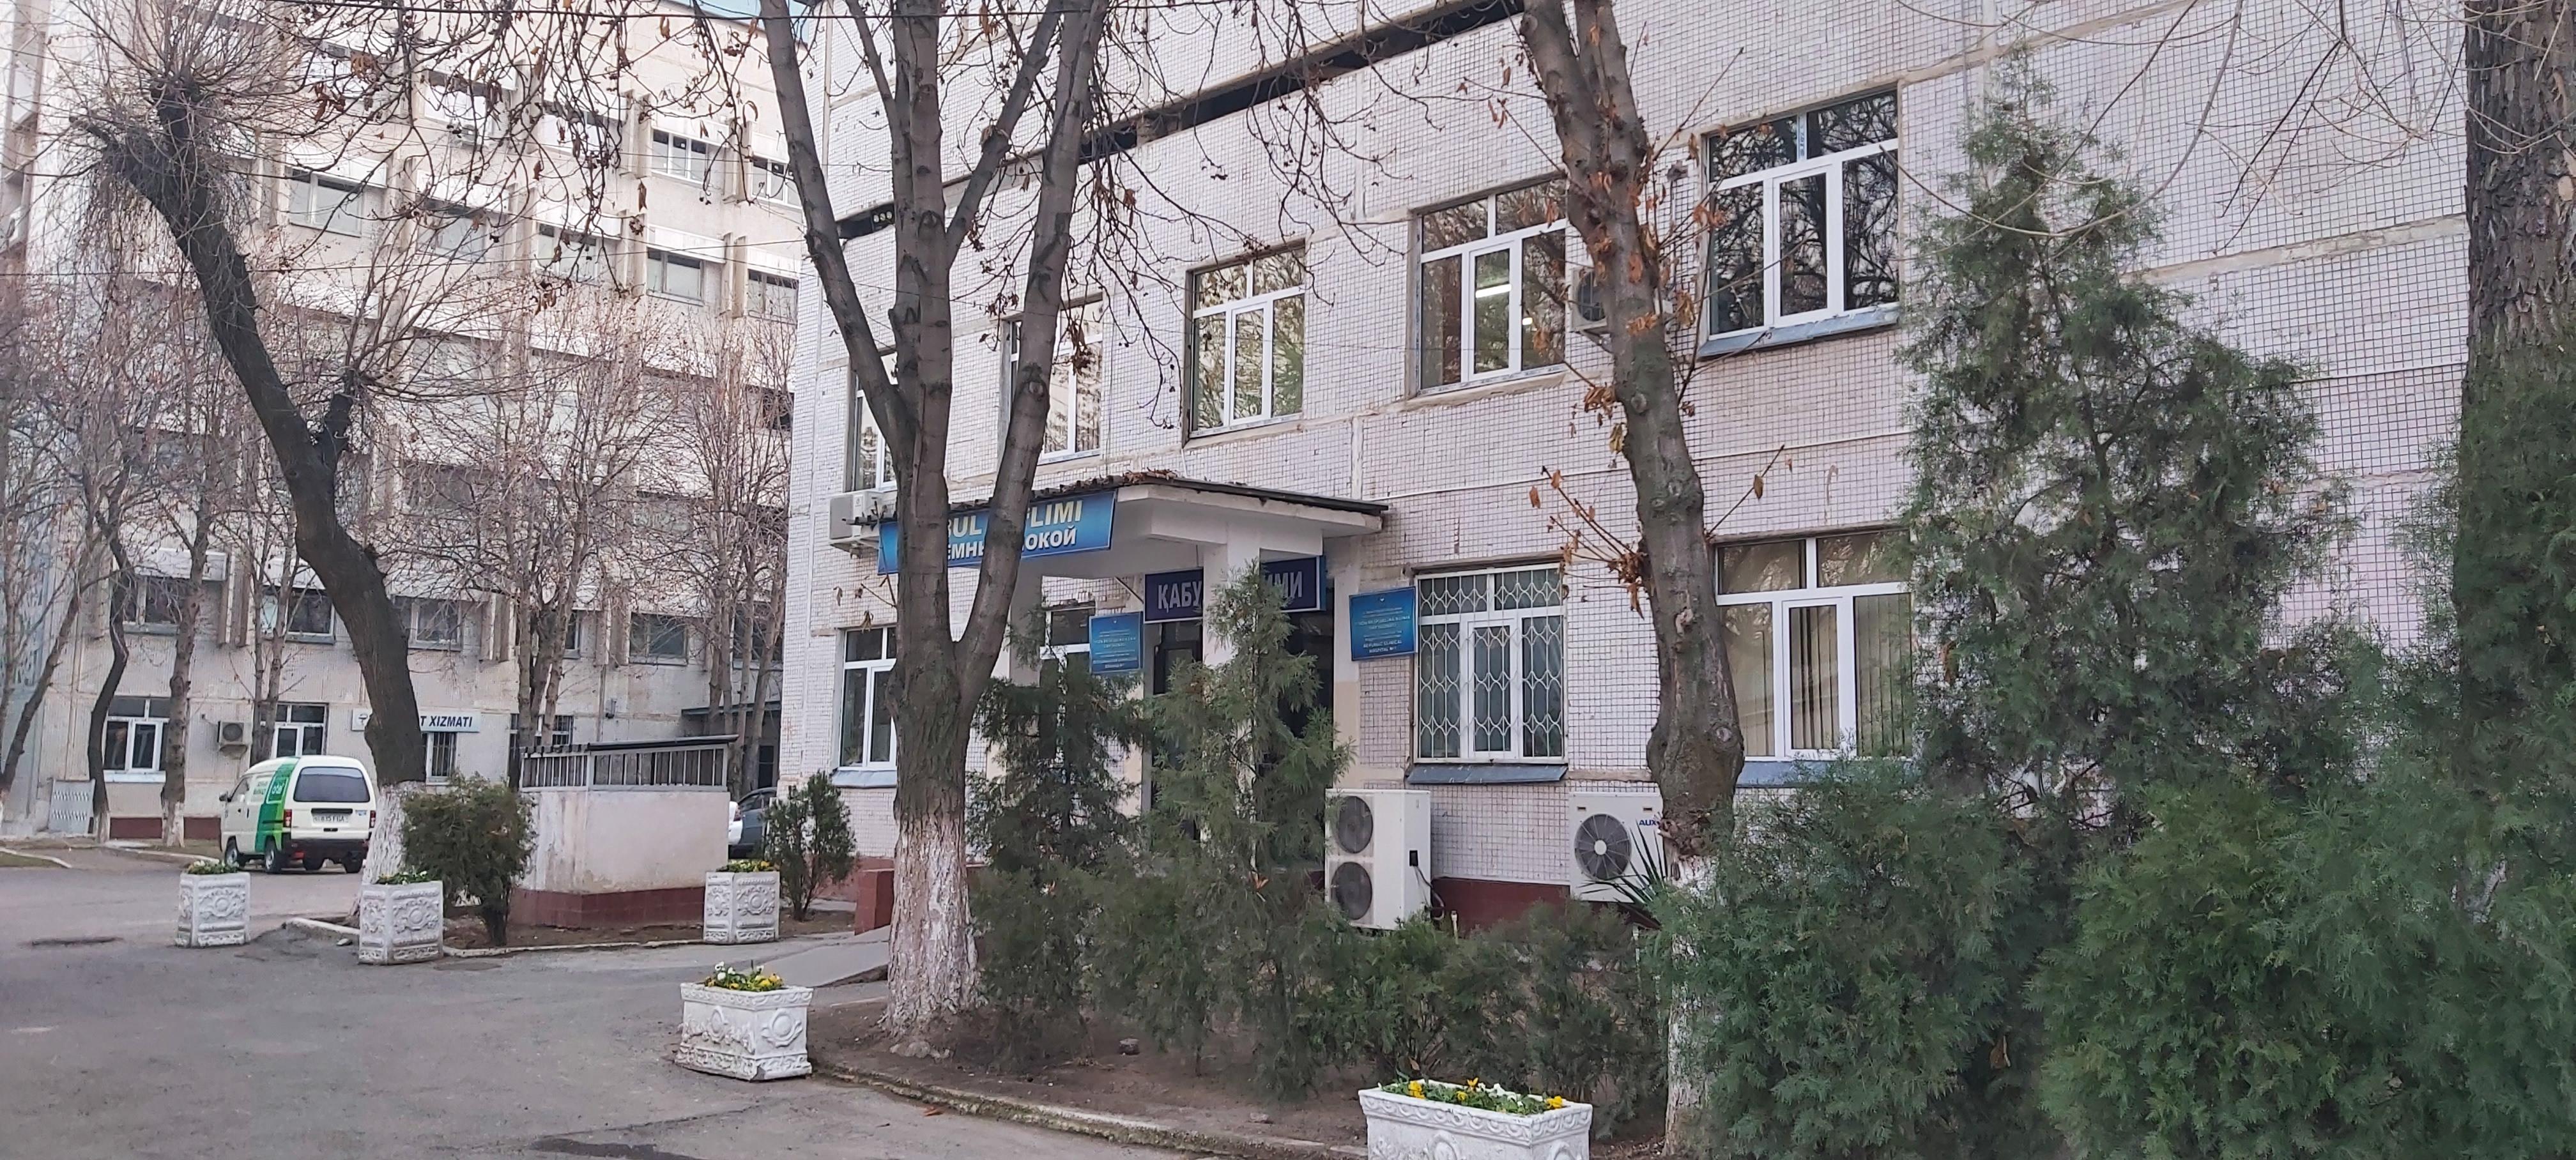 Новогодняя ночь стала кошмаром: в Ташкенте муж —сотрудник РУВД избил беременную жену